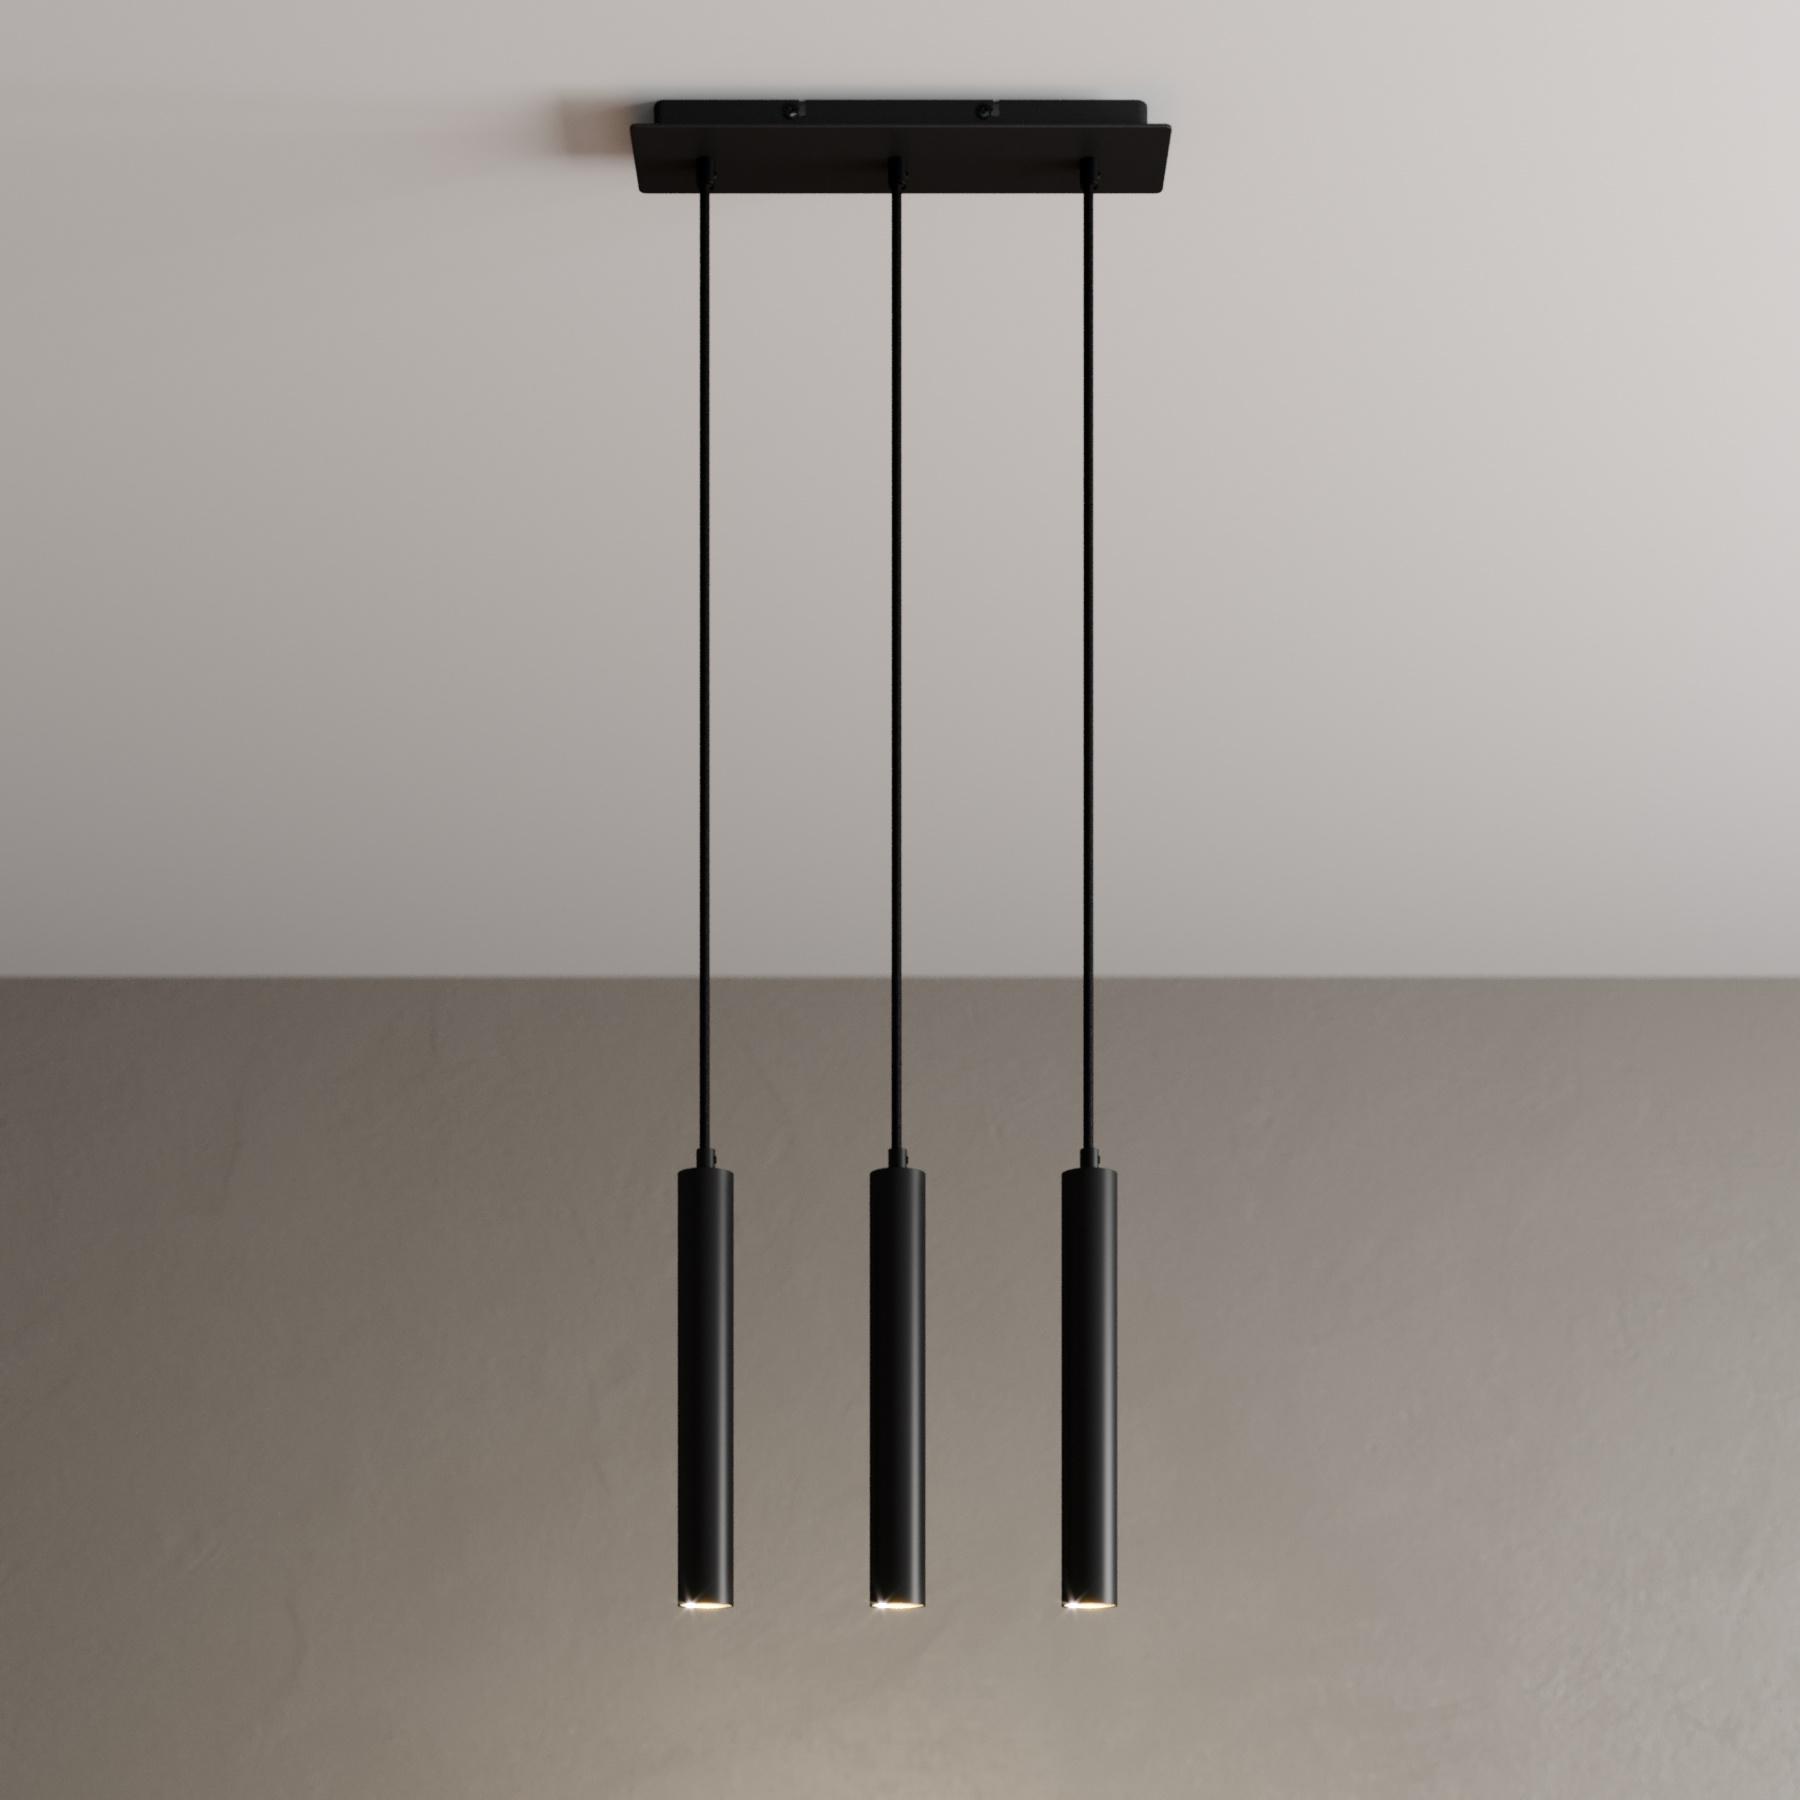 Arcchio Franka lampa wisząca LED, 3-punktowa długa